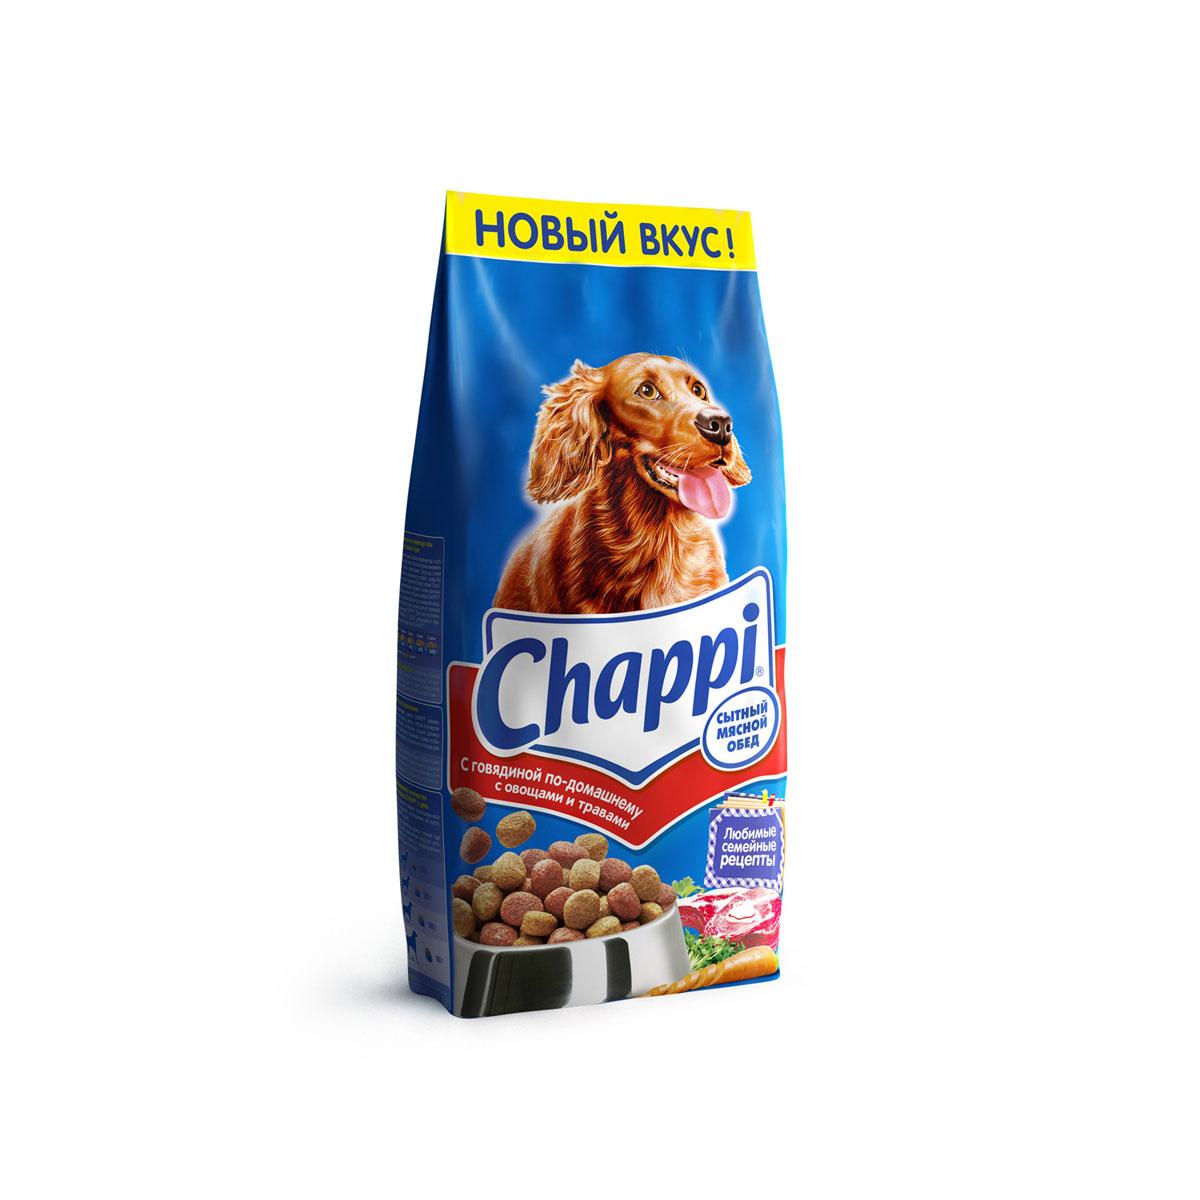 Корм сухой для собак Chappi Сытный мясной обед, с говядиной по-домашнему с овощами и травами, 15 кг10016Сухой корм Chappi Сытный мясной обед - это специально разработанная еда для собак с оптимально сбалансированным содержанием белков, витаминов и микроэлементов.Уникальная формула Chappi включает в себя все необходимые для здоровья компоненты: - мясо - для силы и энергии в течение дня; - овощи, травы и злаки - для отличного пищеварения; - масла и жиры - для блестящей шерсти и здоровой кожи; - кальций - для крепких зубов и костей; - витамины - для защиты здоровья; - минералы - для подержания собаки в оптимальной форме.Корм Chappi идеально подходит для вашего любимца как надежный источник жизненных сил. Состав: злаки, мясо и субпродукты, жиры животного происхождения, морковь, люцерна, растительные масла, минеральные вещества, витамины.Пищевая ценность в 100 г: белок - 18 г, жиры - 10 г, клетчатка - 7 г, влажность - не более 10 г, зола - 7 г, кальций - 0,8 г, фосфор - 0,6 г, витамин А - 500 МЕ, витамин D - 50 МЕ, витамин Е - 8 мг, витамины В2, В12, пантотеновая и никотиновая кислоты.Энергетическая ценность в 100 г: 350 ккал.Вес: 15 кг.Товар сертифицирован.